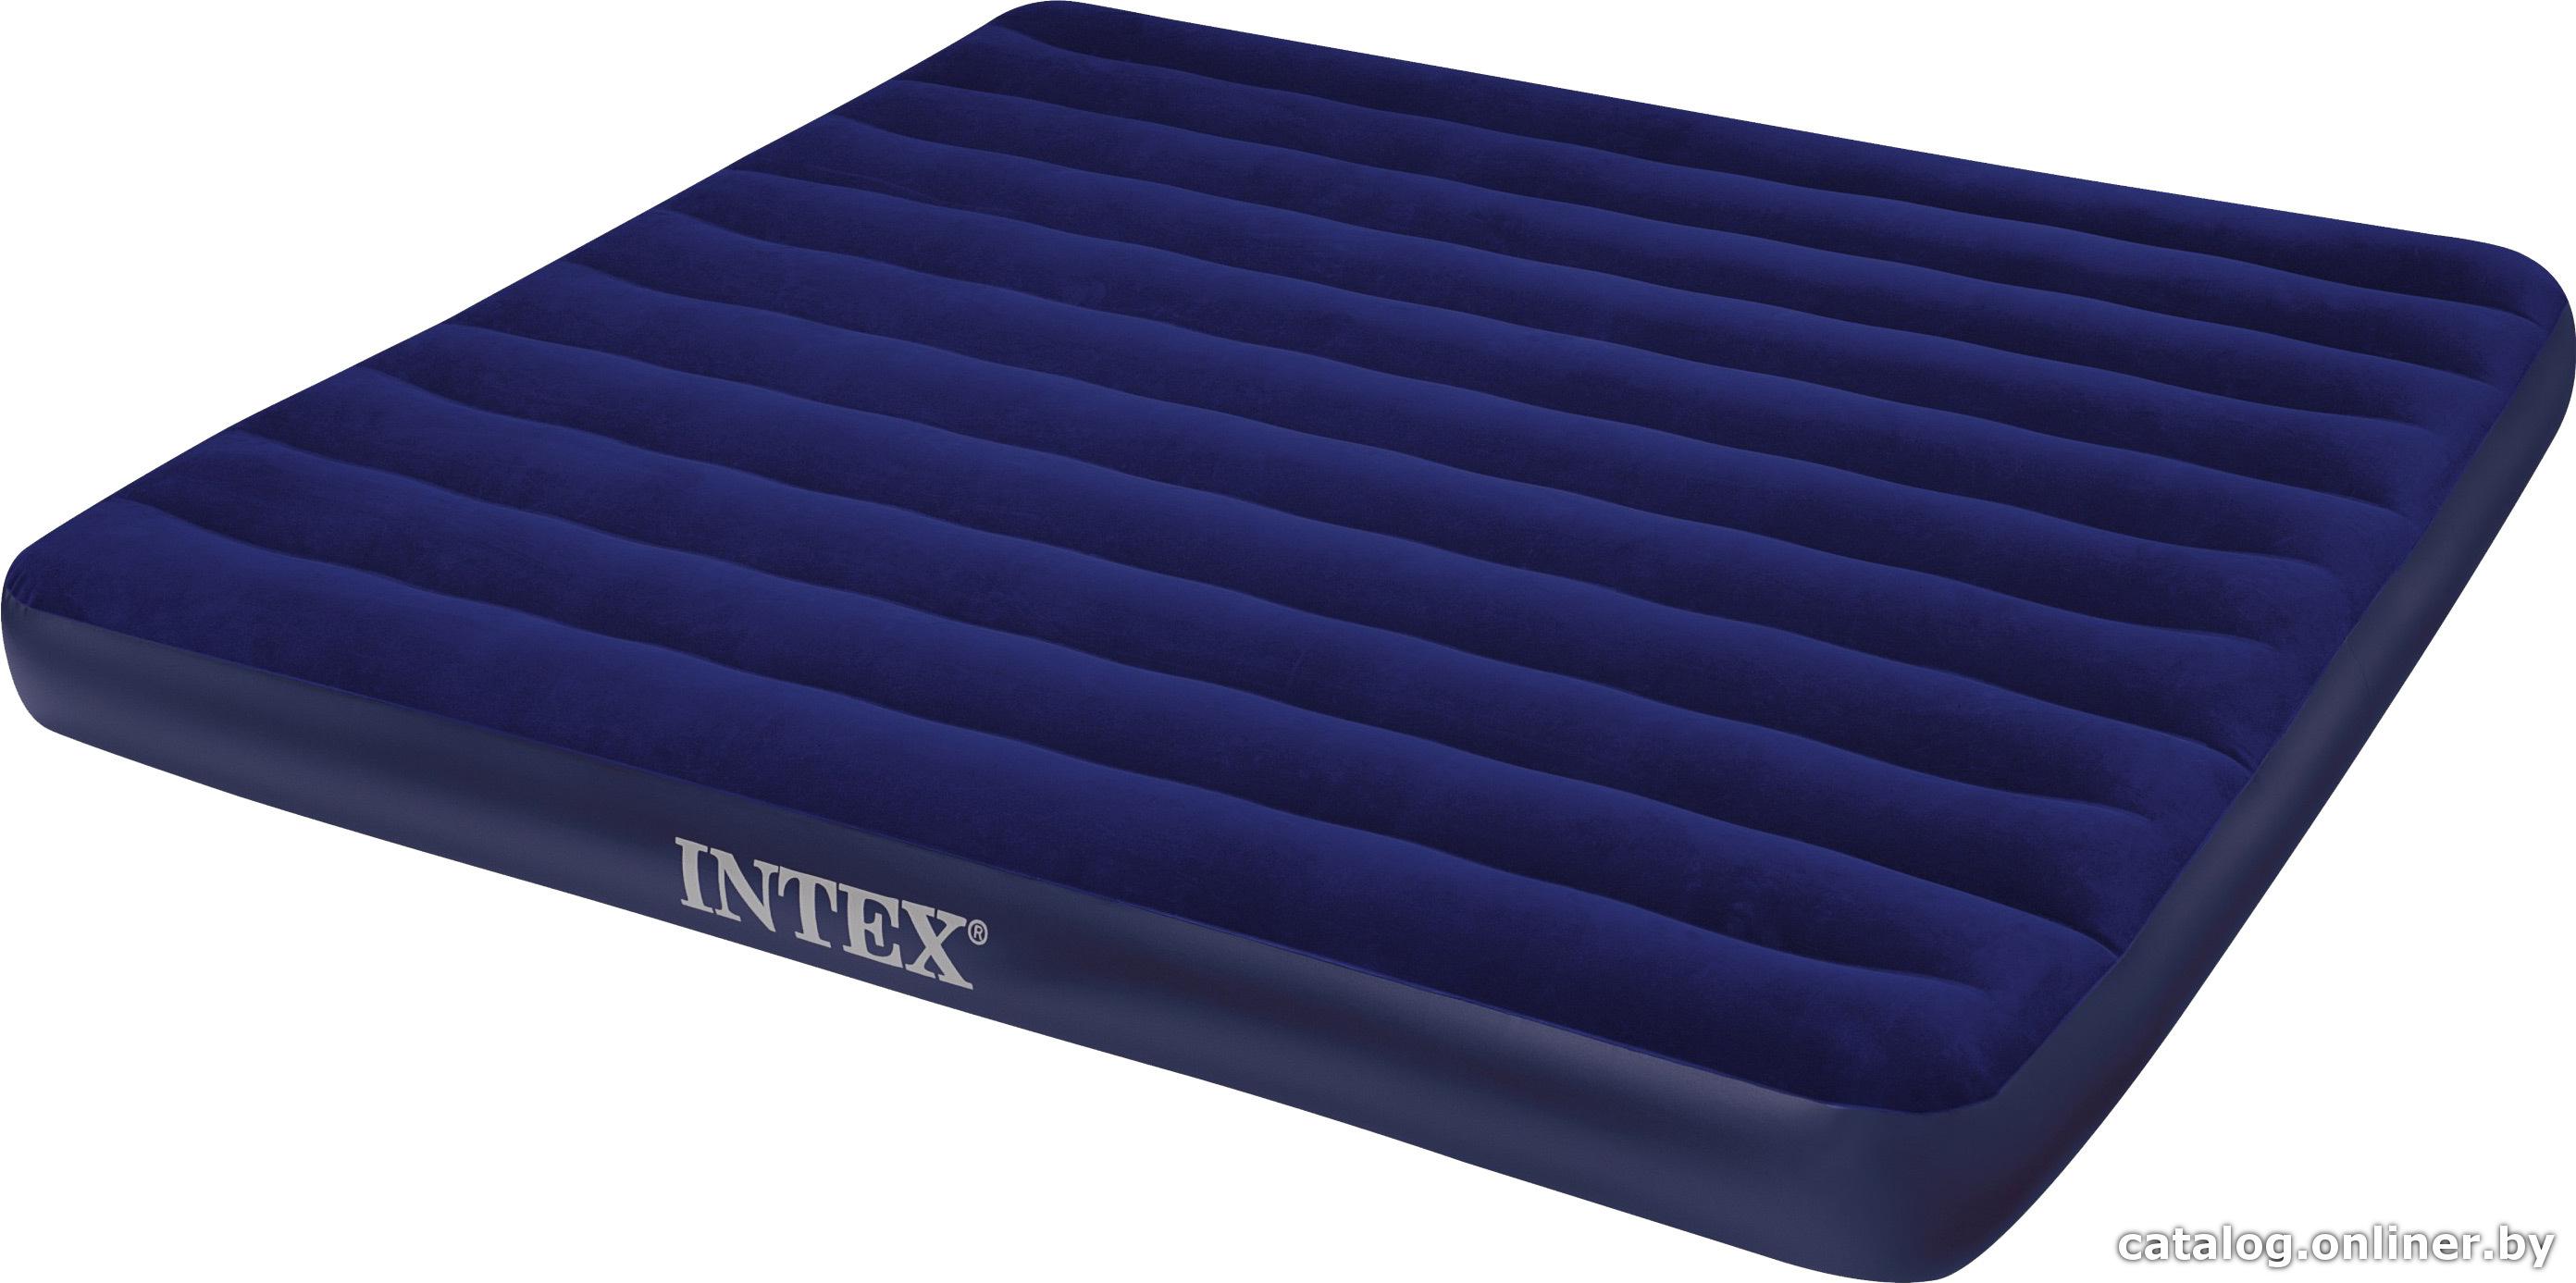 Надувной матрас intex 68755 купить в минске какой лучше купить матрас для кровати